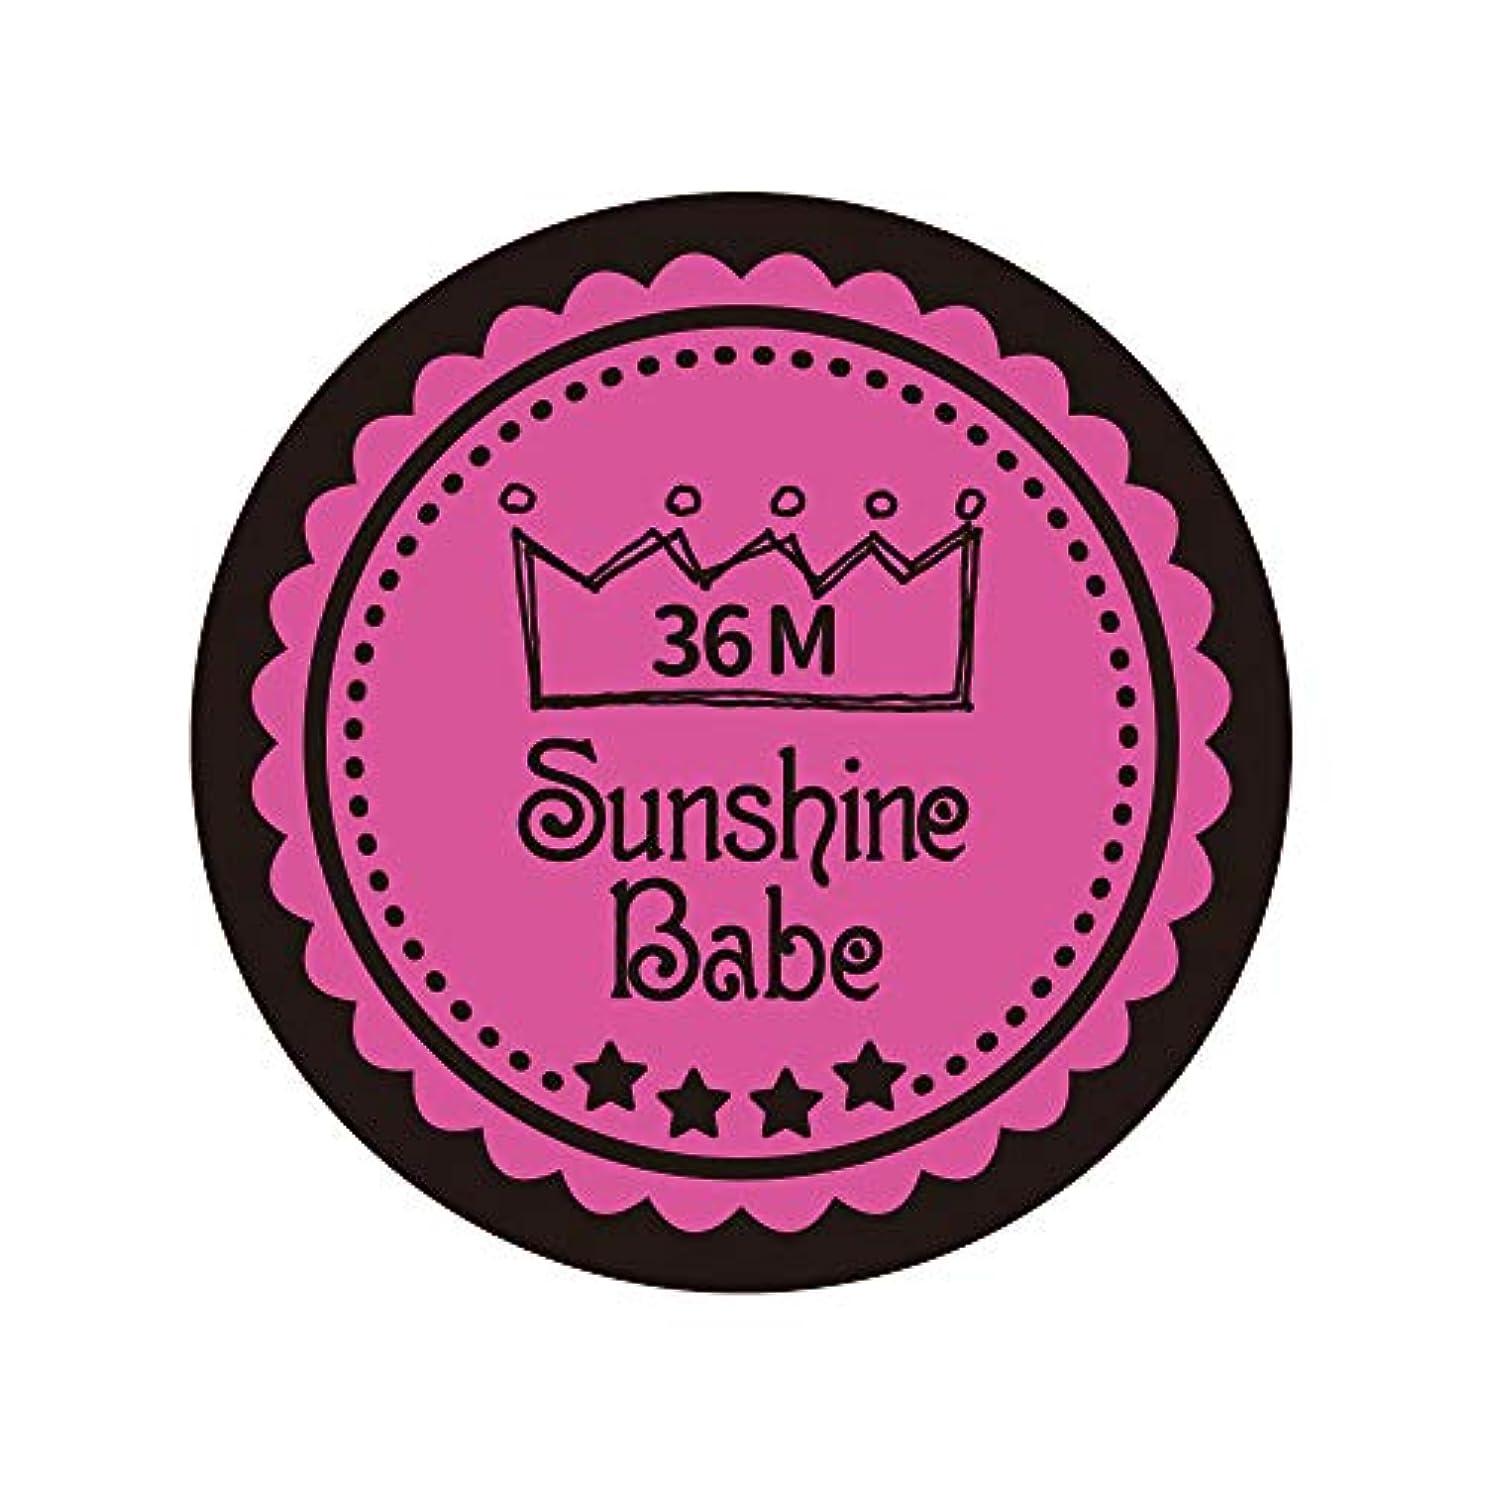 ピラミッド種類資本主義Sunshine Babe カラージェル 36M クロッカスピンク 2.7g UV/LED対応